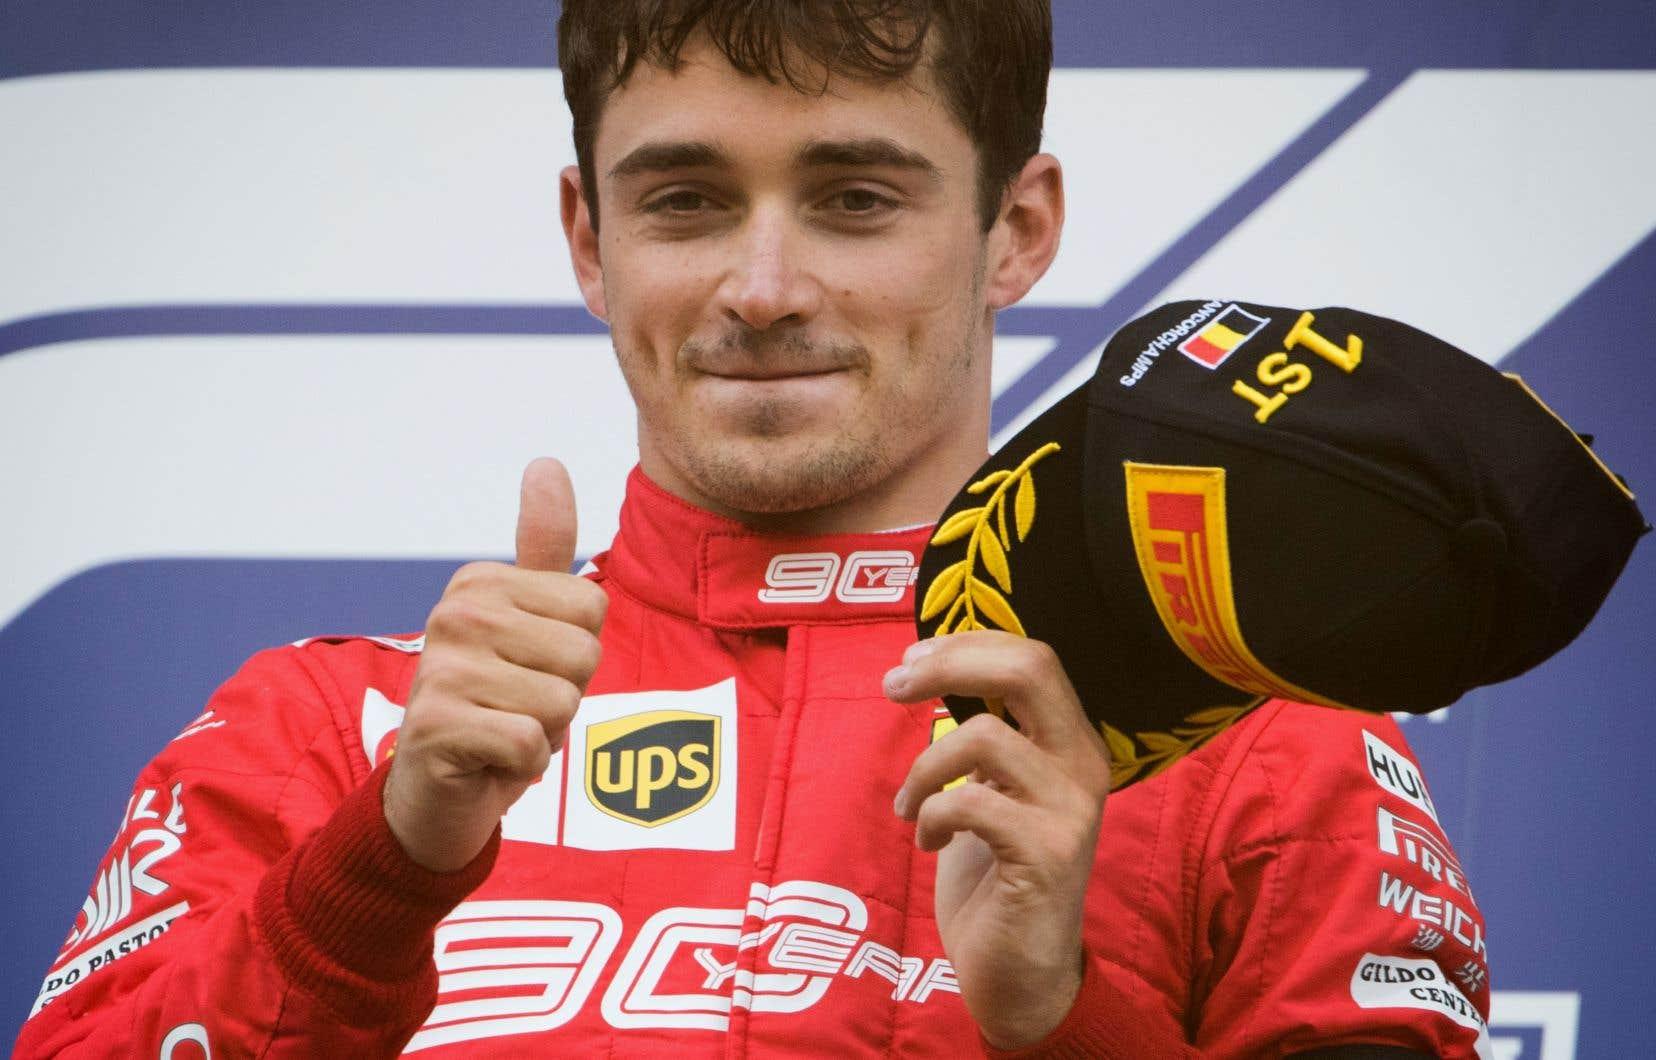 «La première victoire est toujours la plus dure. Cela enlève un poids de vos épaules et vous donne confiance», constate Charles Leclerc. «Maintenant, je peux me concentrer sur l'avenir et j'espère que d'autres viendront.»